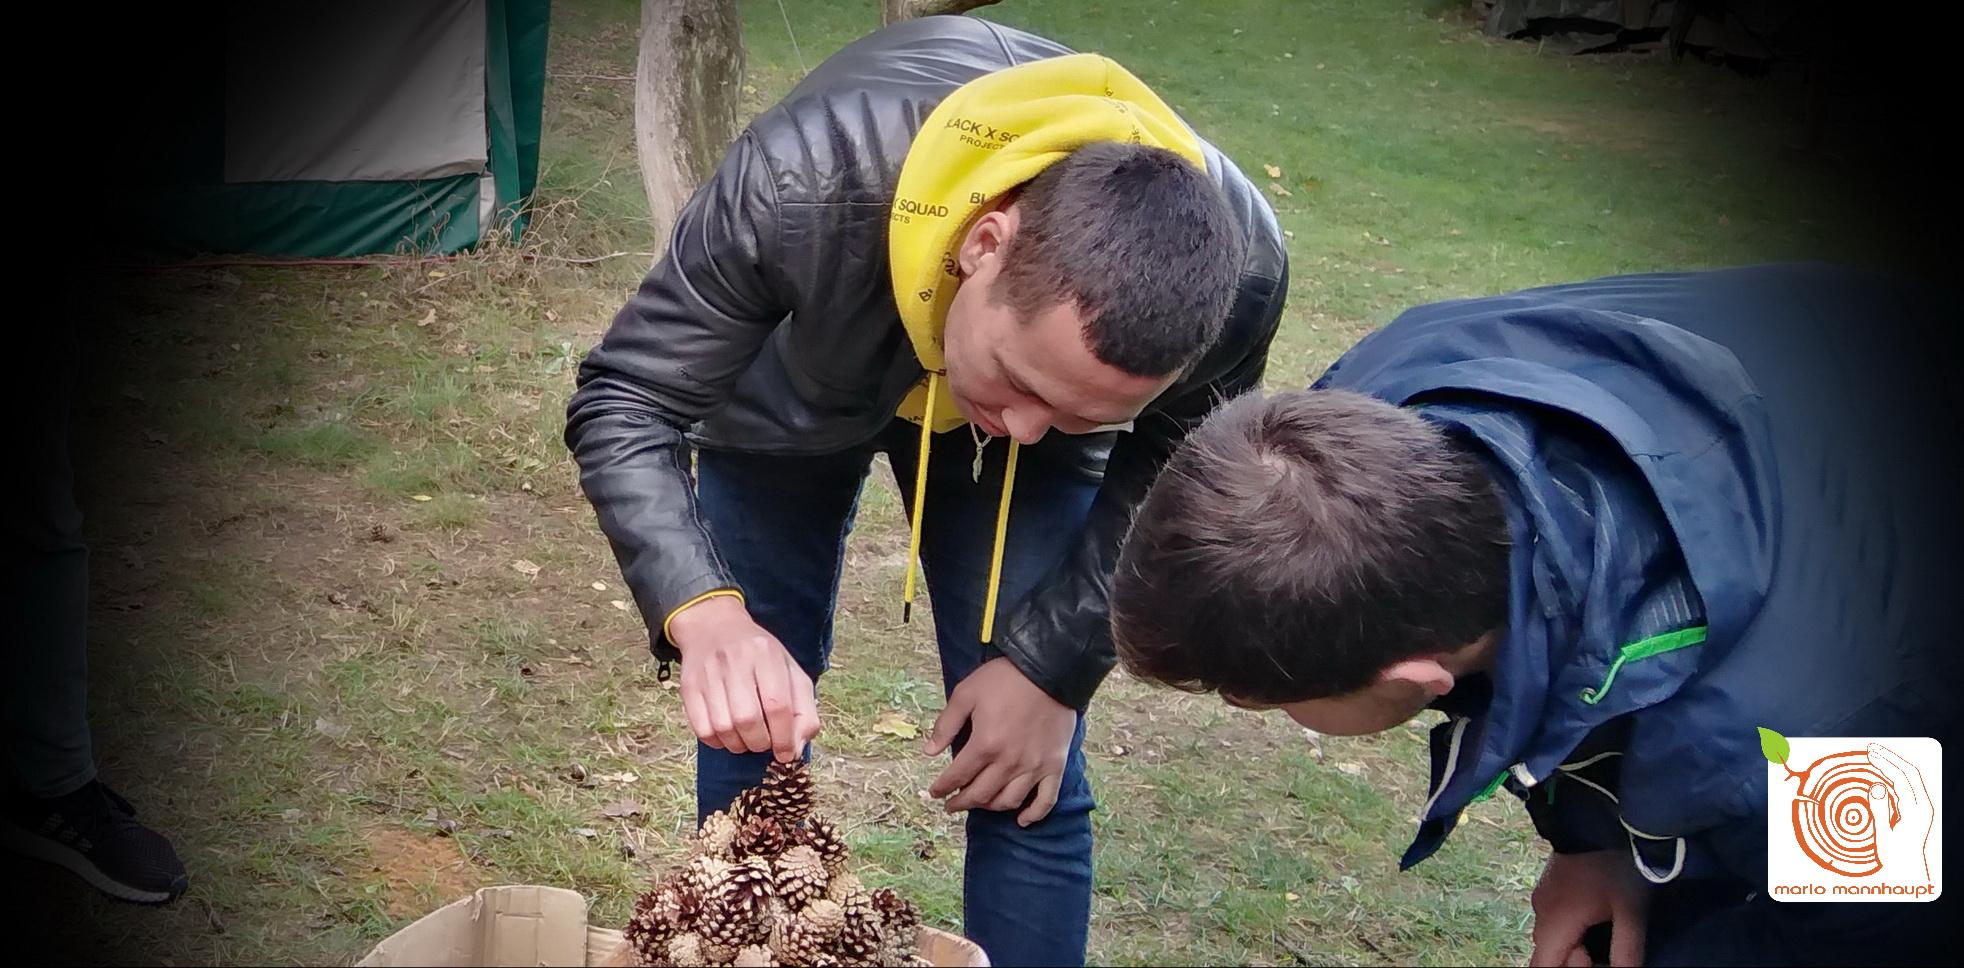 Teamarbeit auf dem Kreativplatz Luckenwalde